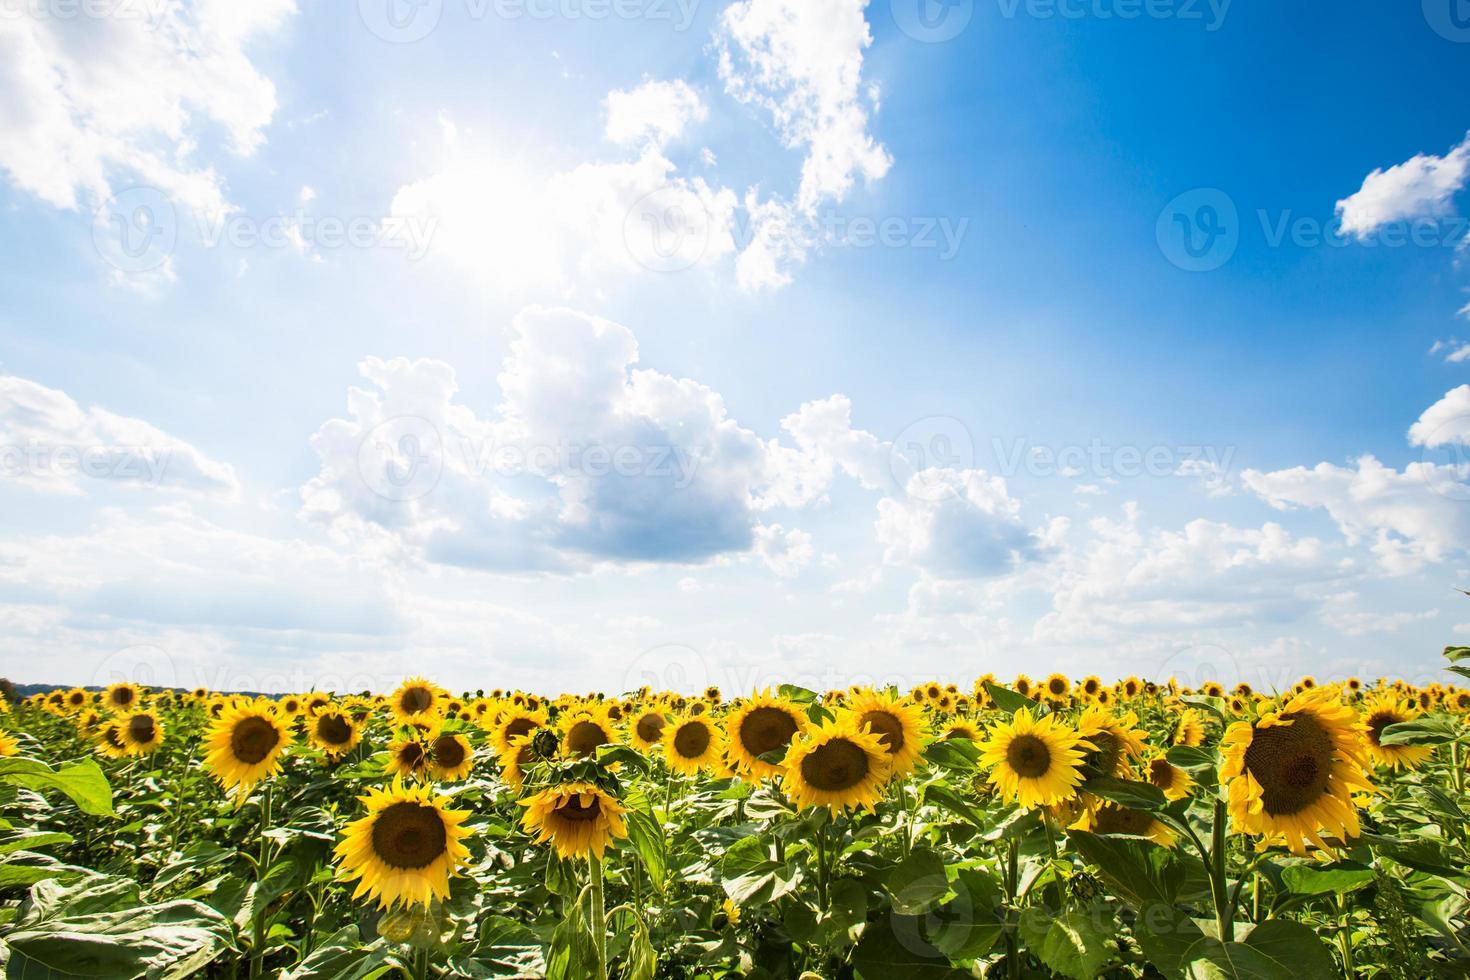 zonnebloem met blauwe lucht en lucht. zomer landschap foto